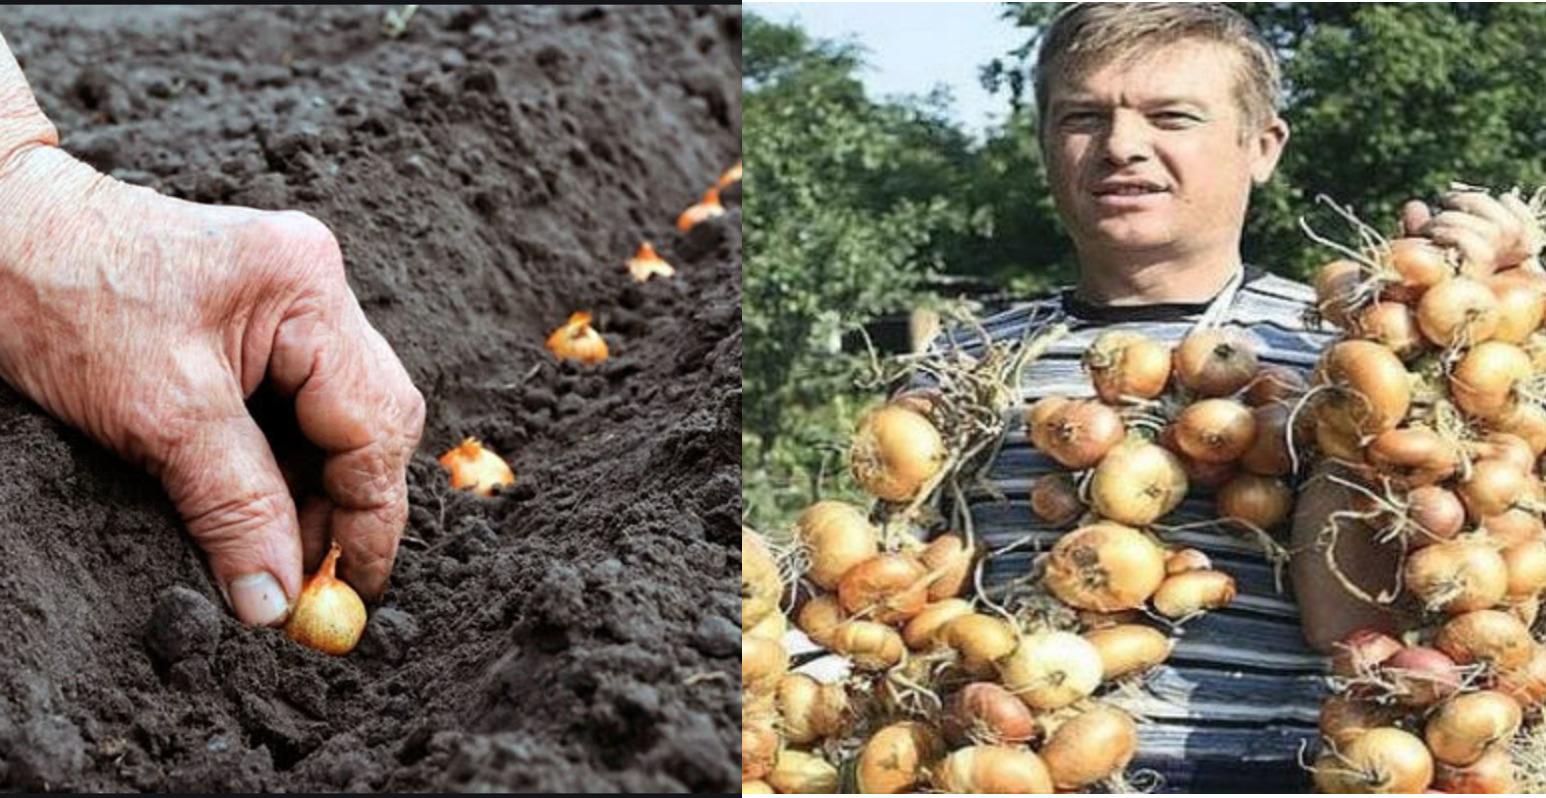 Я кожен рік отримую великий урожай цибулі: 4 простих поради перед посадкою, Аби не мучитися питанням «чому знову цибуля не вpoдила»